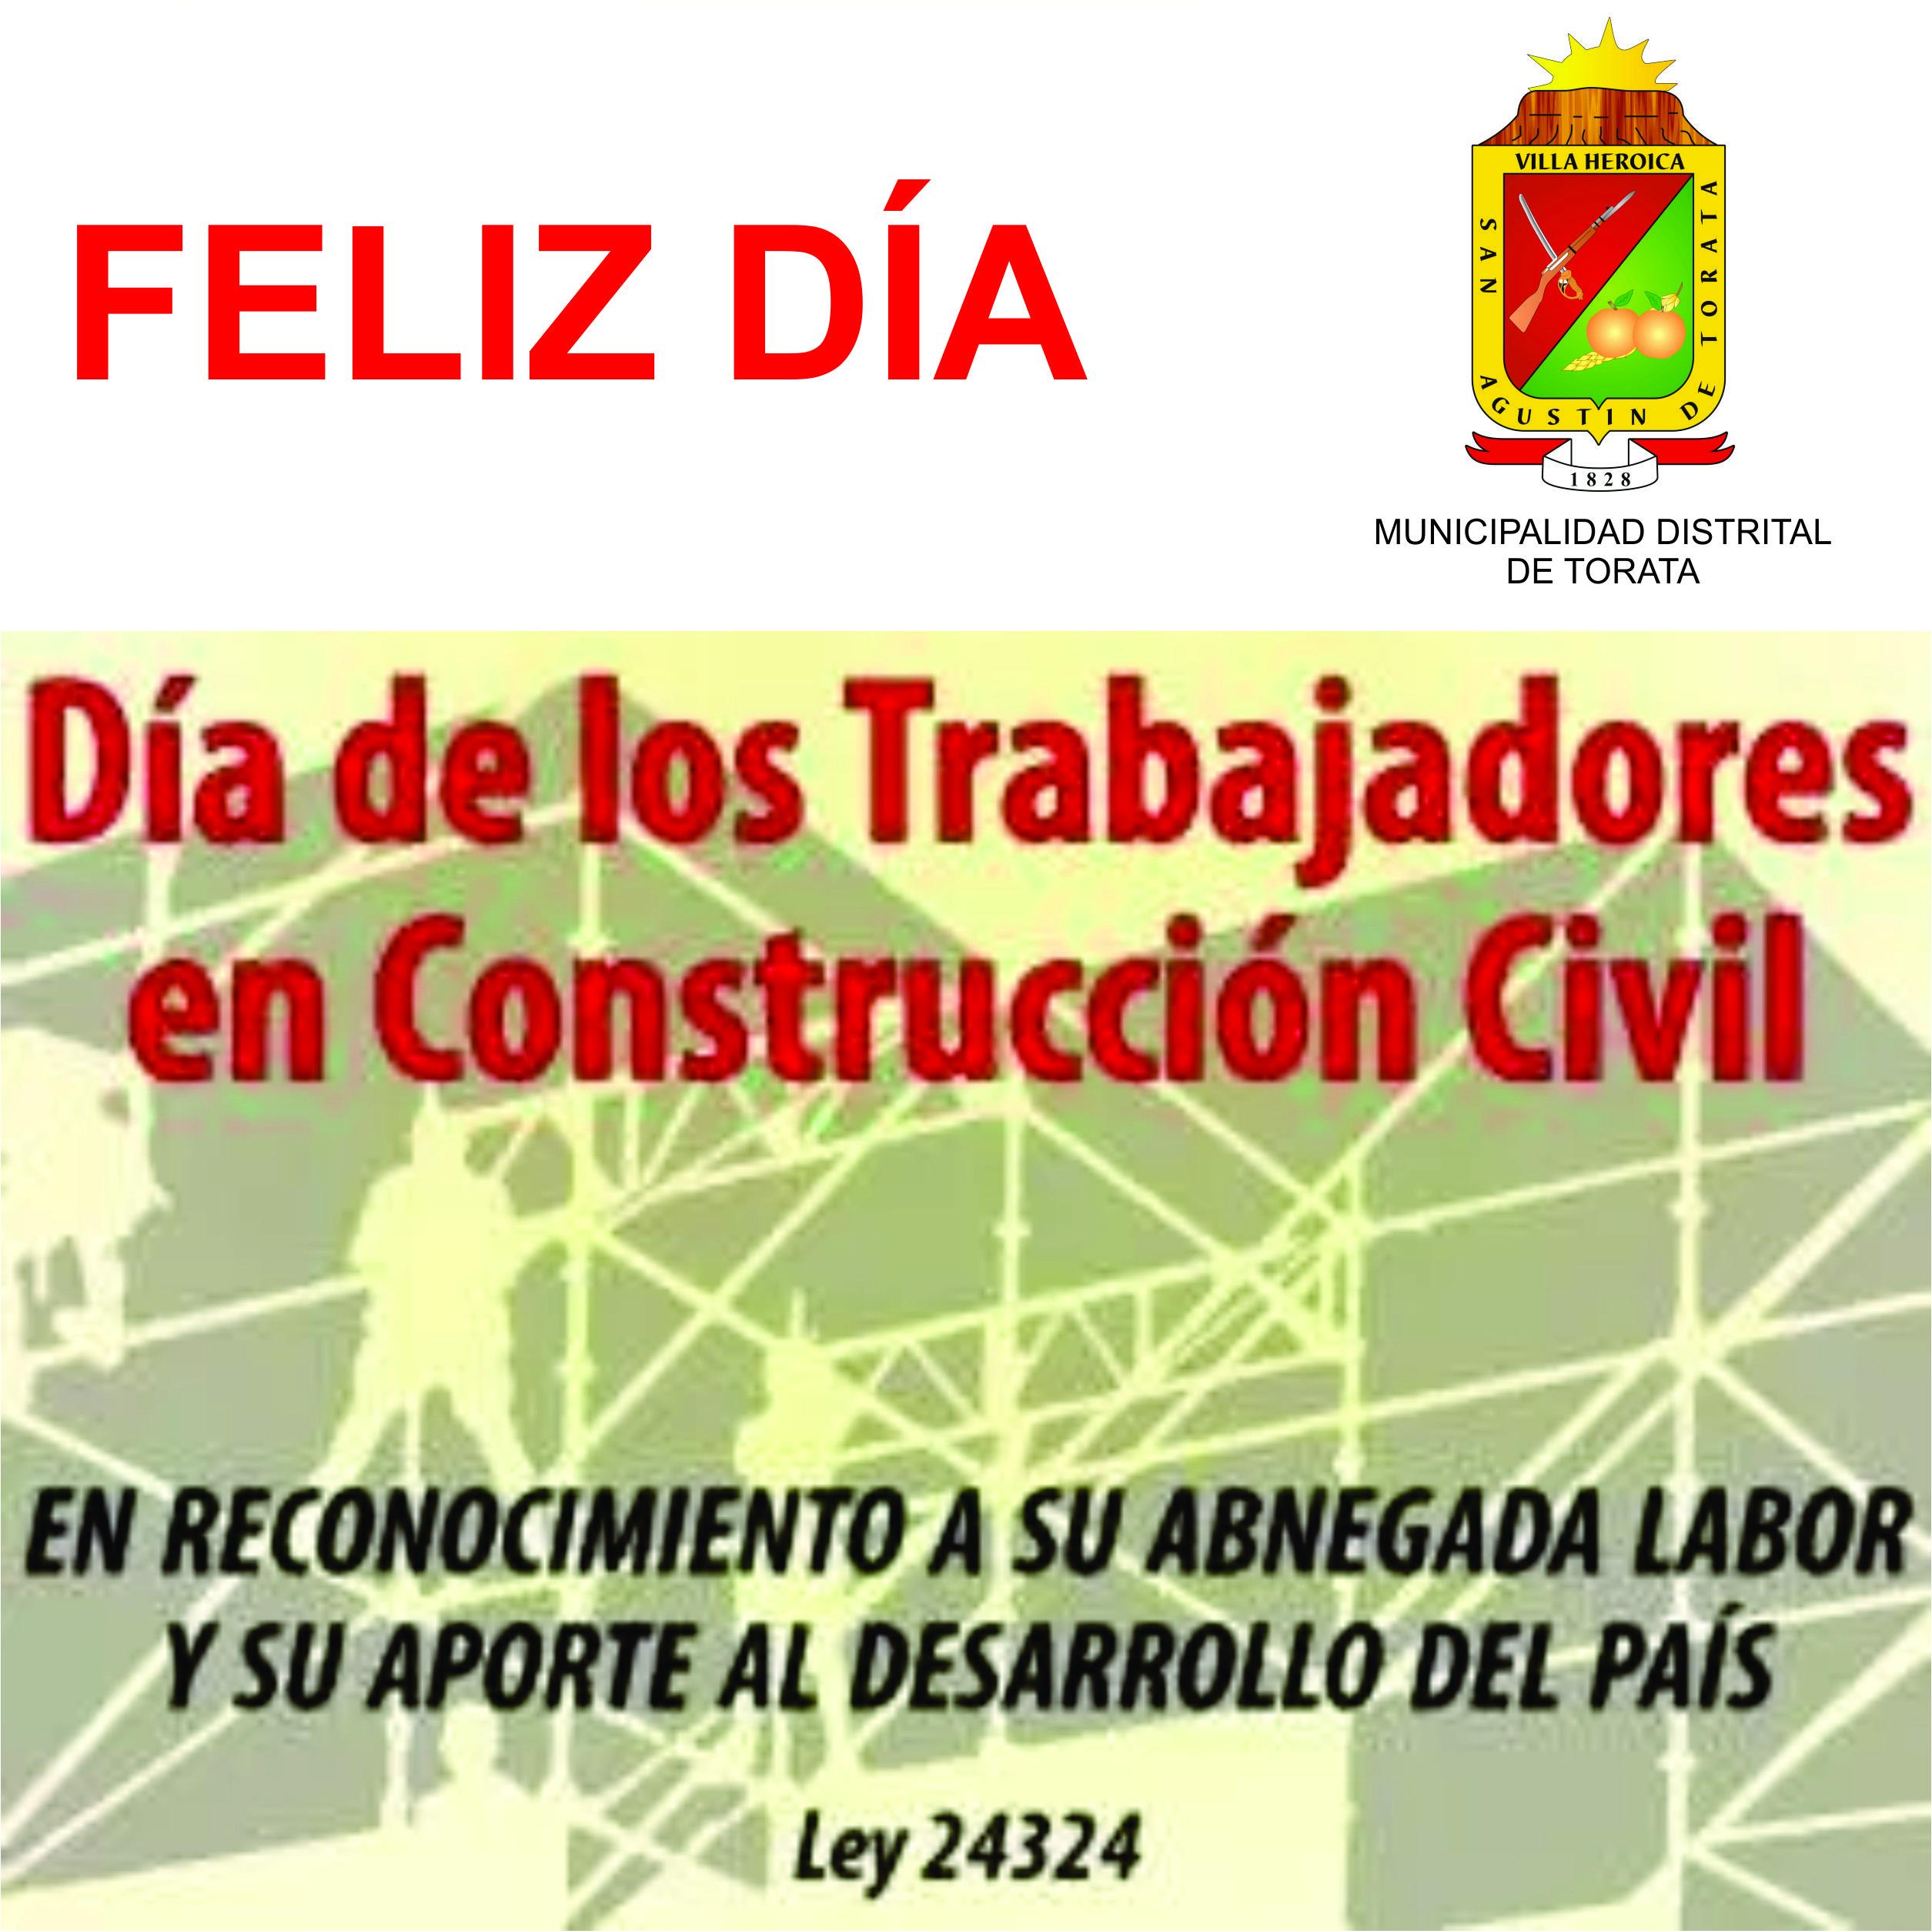 TRABAJADORES DE CONSTRUCCIÓN CIVIL DE TORATA, RECIBIRÁN AGASAJO